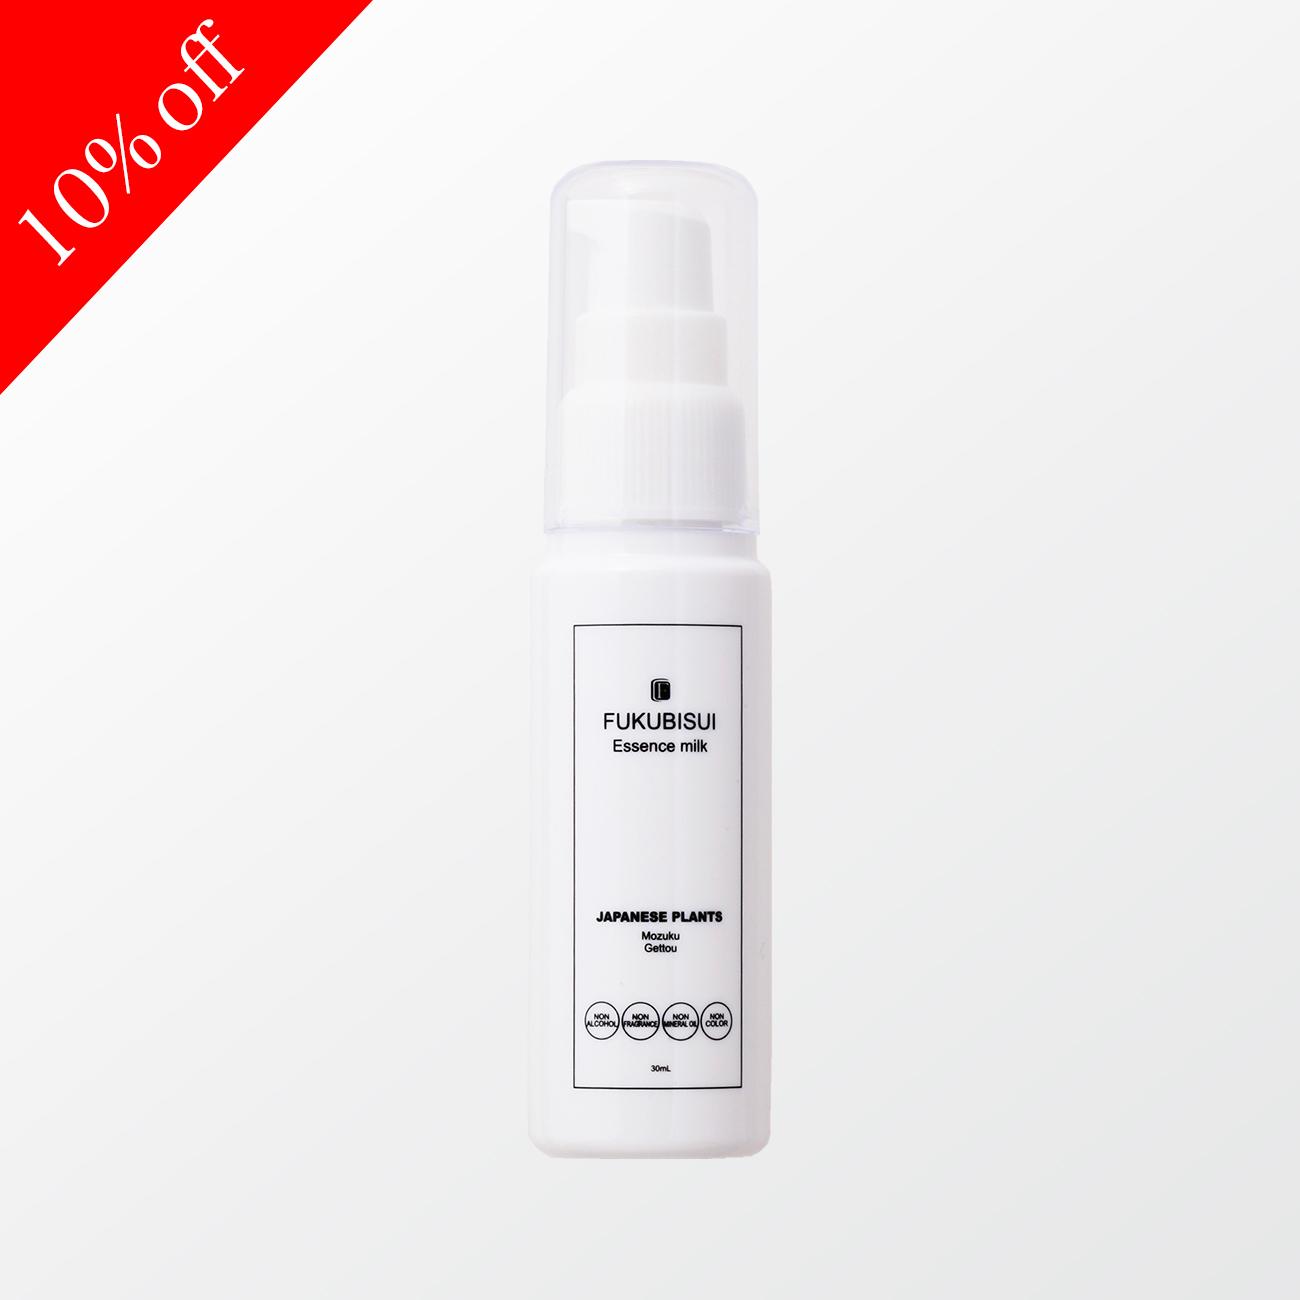 【定期購入】福美水 FUKUBISUI エッセンスミルク (美容乳液)  10%オフ